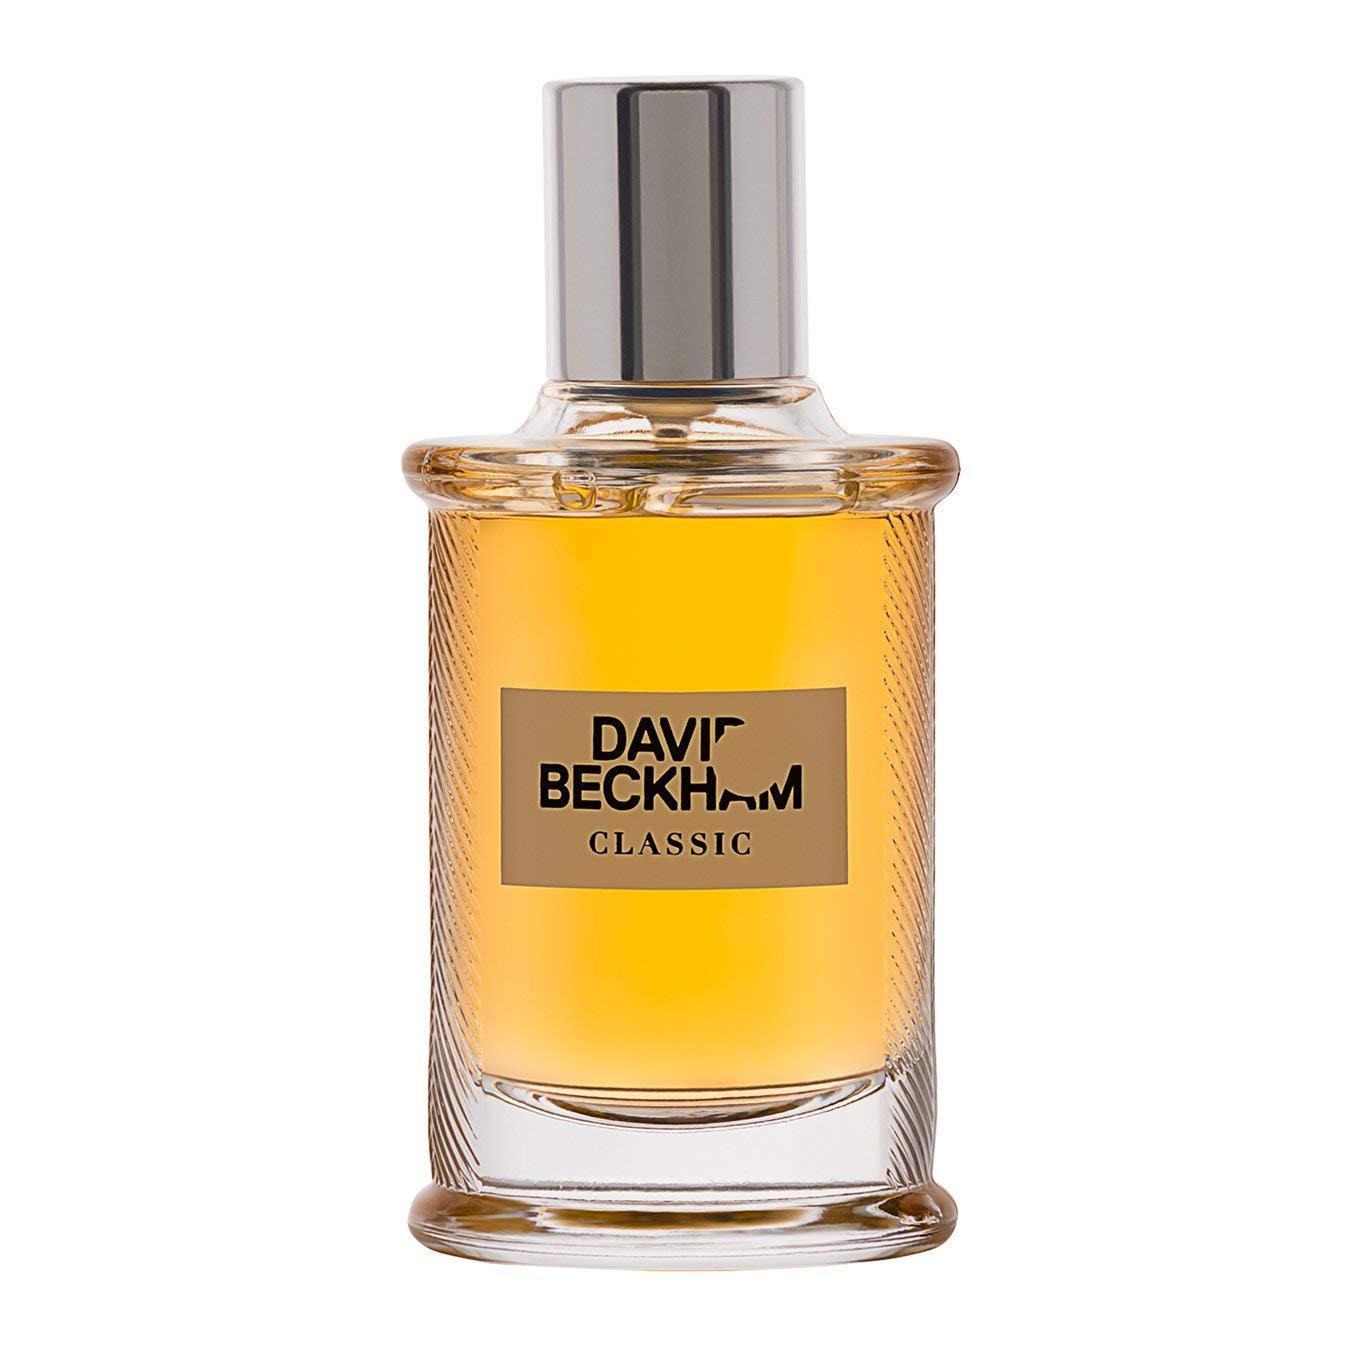 DAVID BECKHAM, Classic, Eau de Toilette for Him, 90 ml 3607346571071